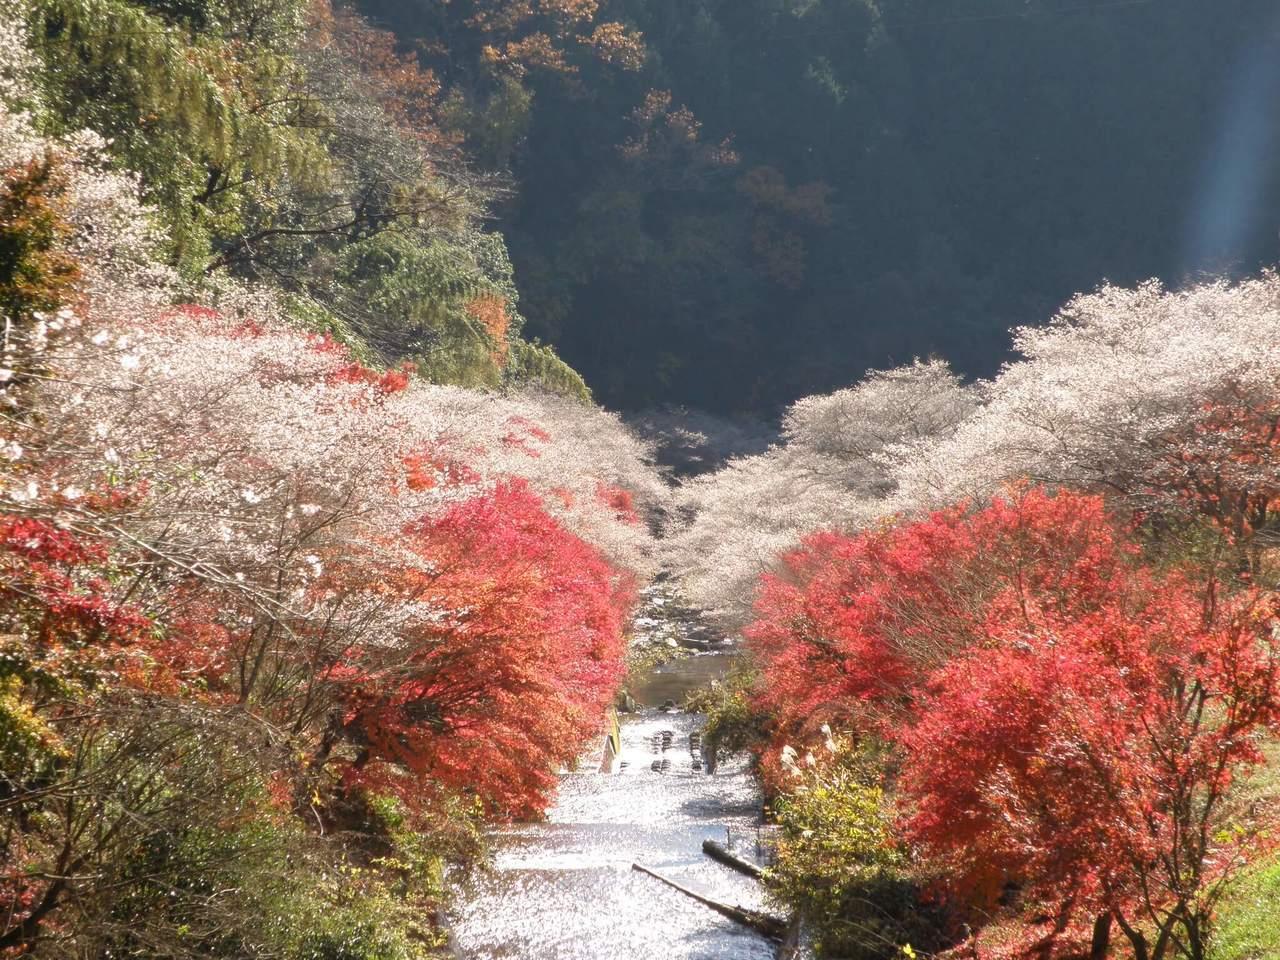 「小原四季公園」特別栽種有四季櫻,是日本唯一一個可以同時賞紅葉與櫻花的地方。圖/...